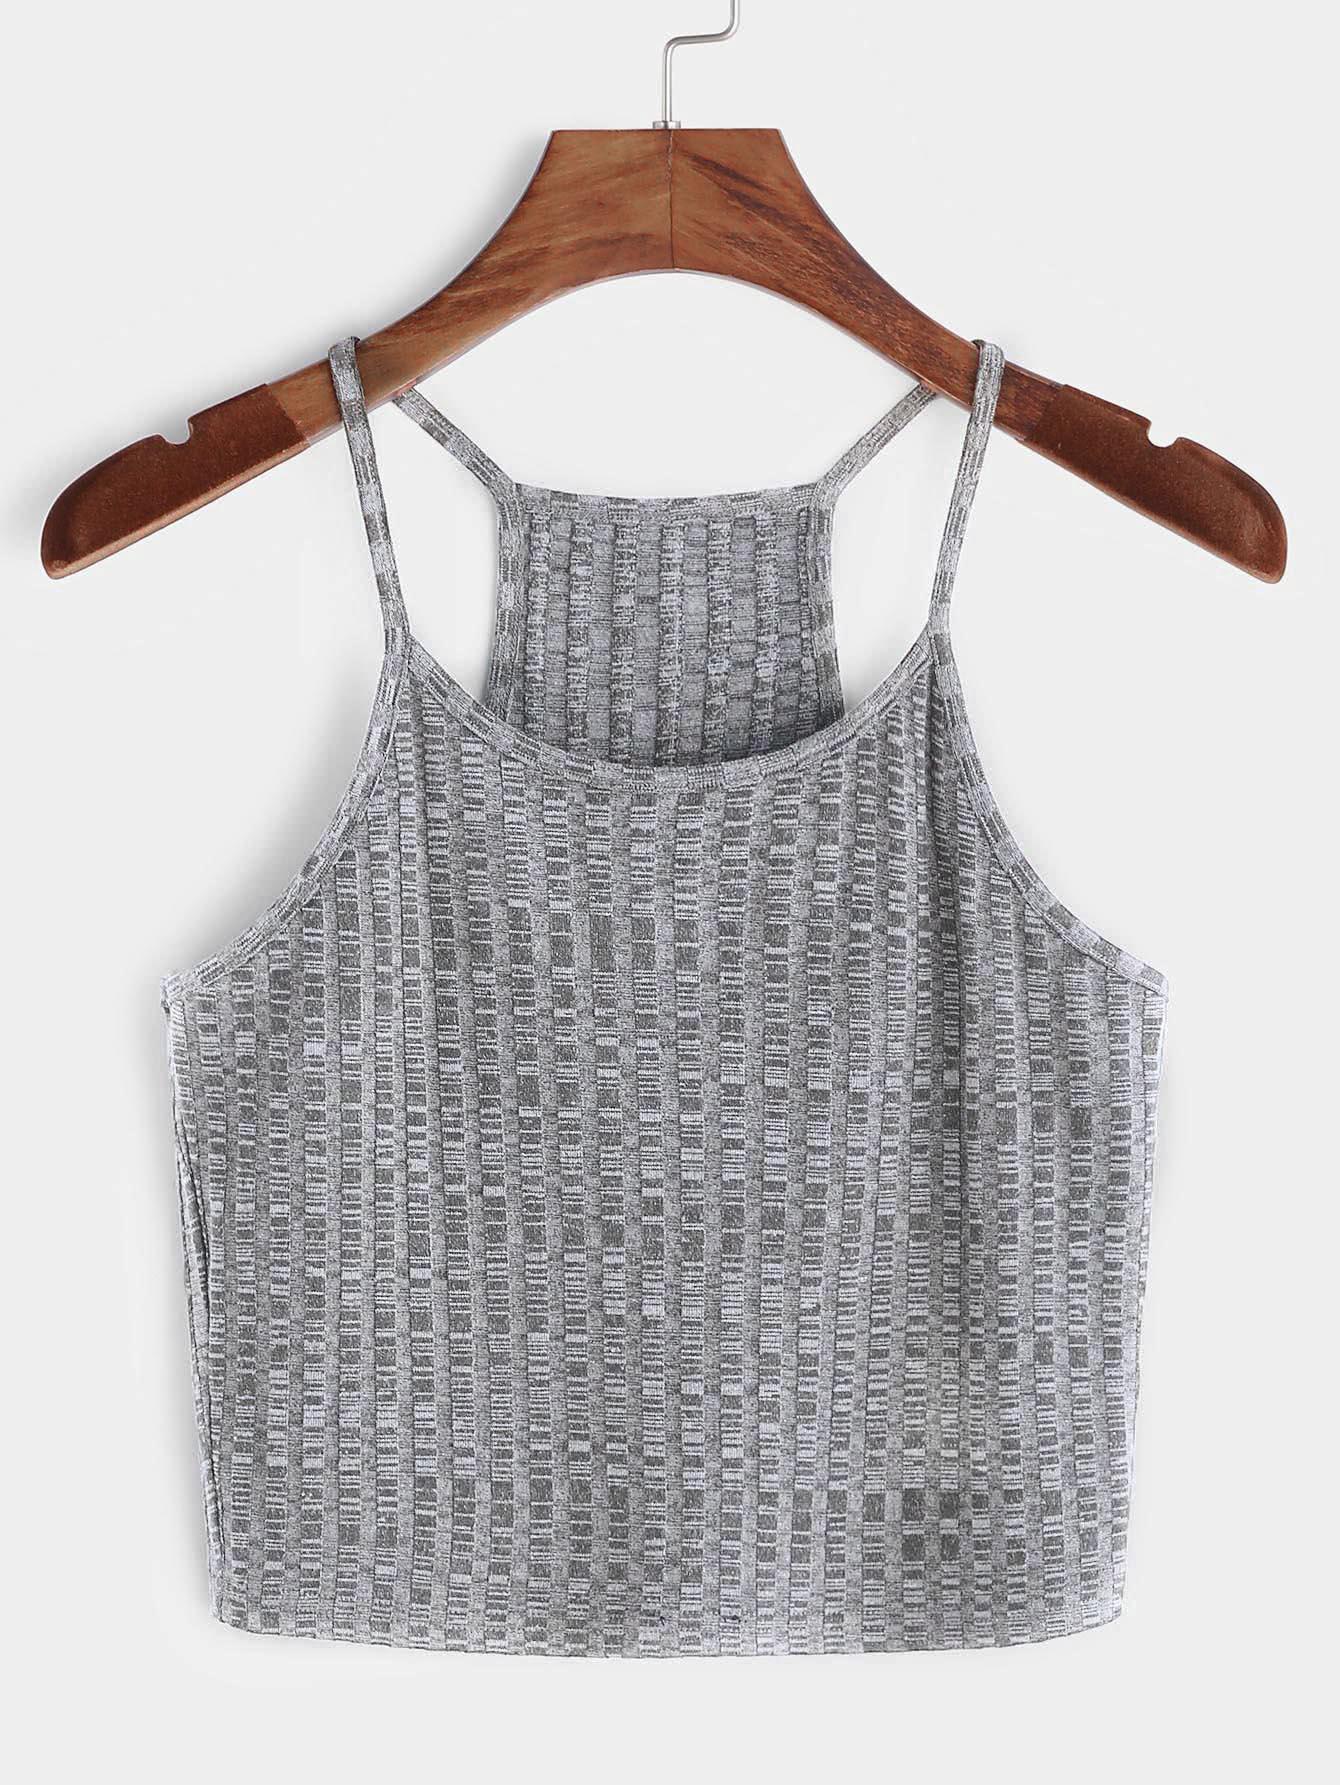 Ribbed Knit Racer Back Cami Top vest170310701